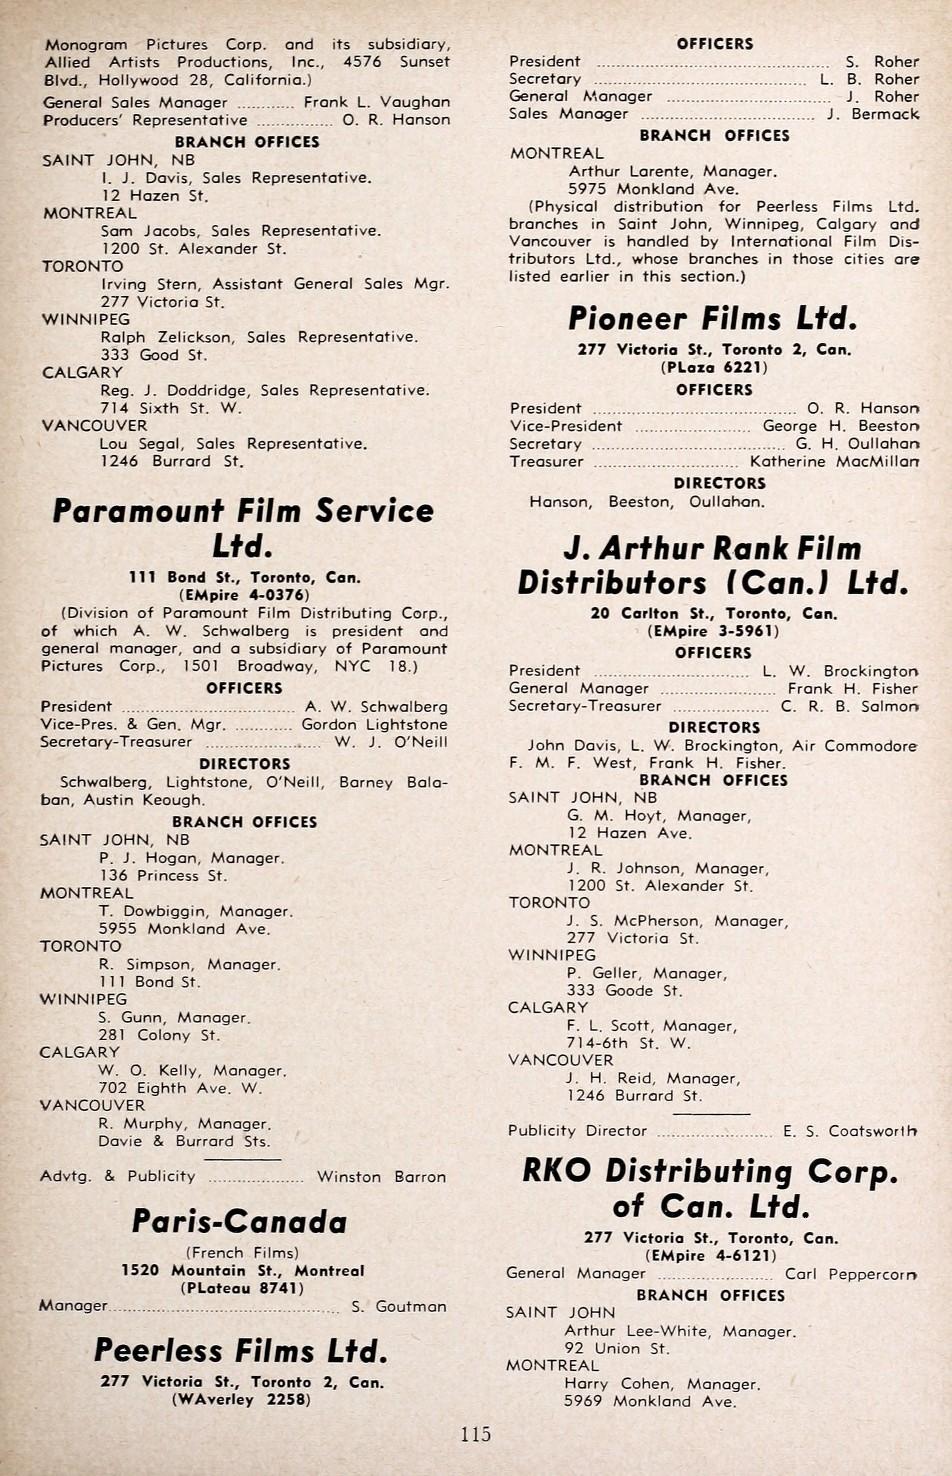 1951yearbookcana00film_jp2.zip&file=1951yearbookcana00film_jp2%2f1951yearbookcana00film_0117